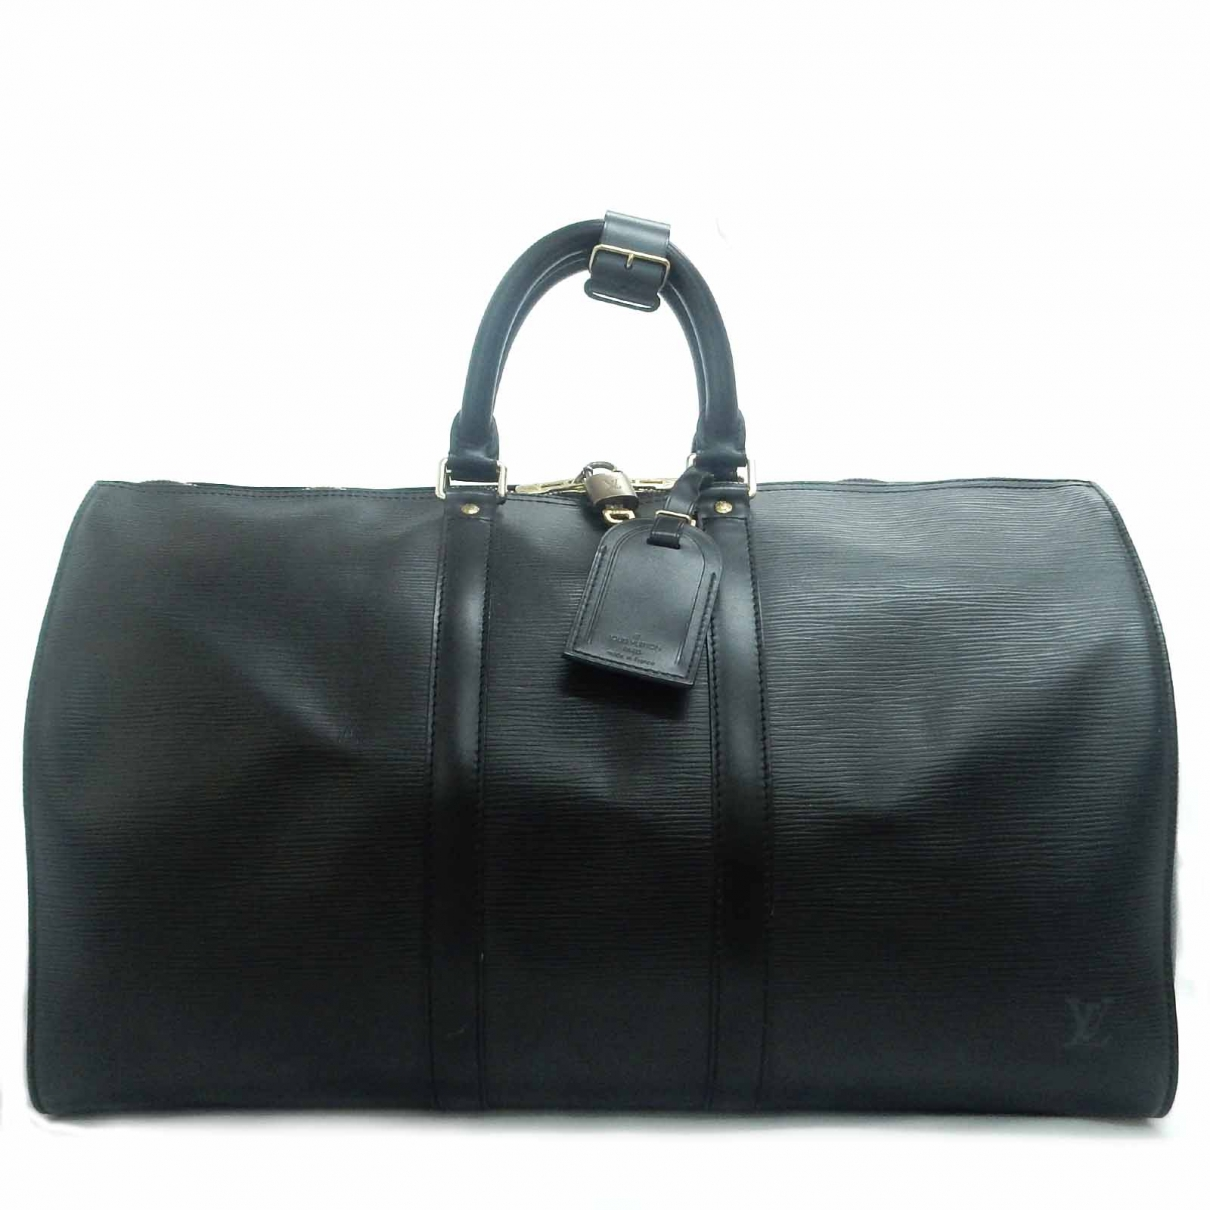 Louis Vuitton - Sac de voyage Keepall pour femme en cuir - noir